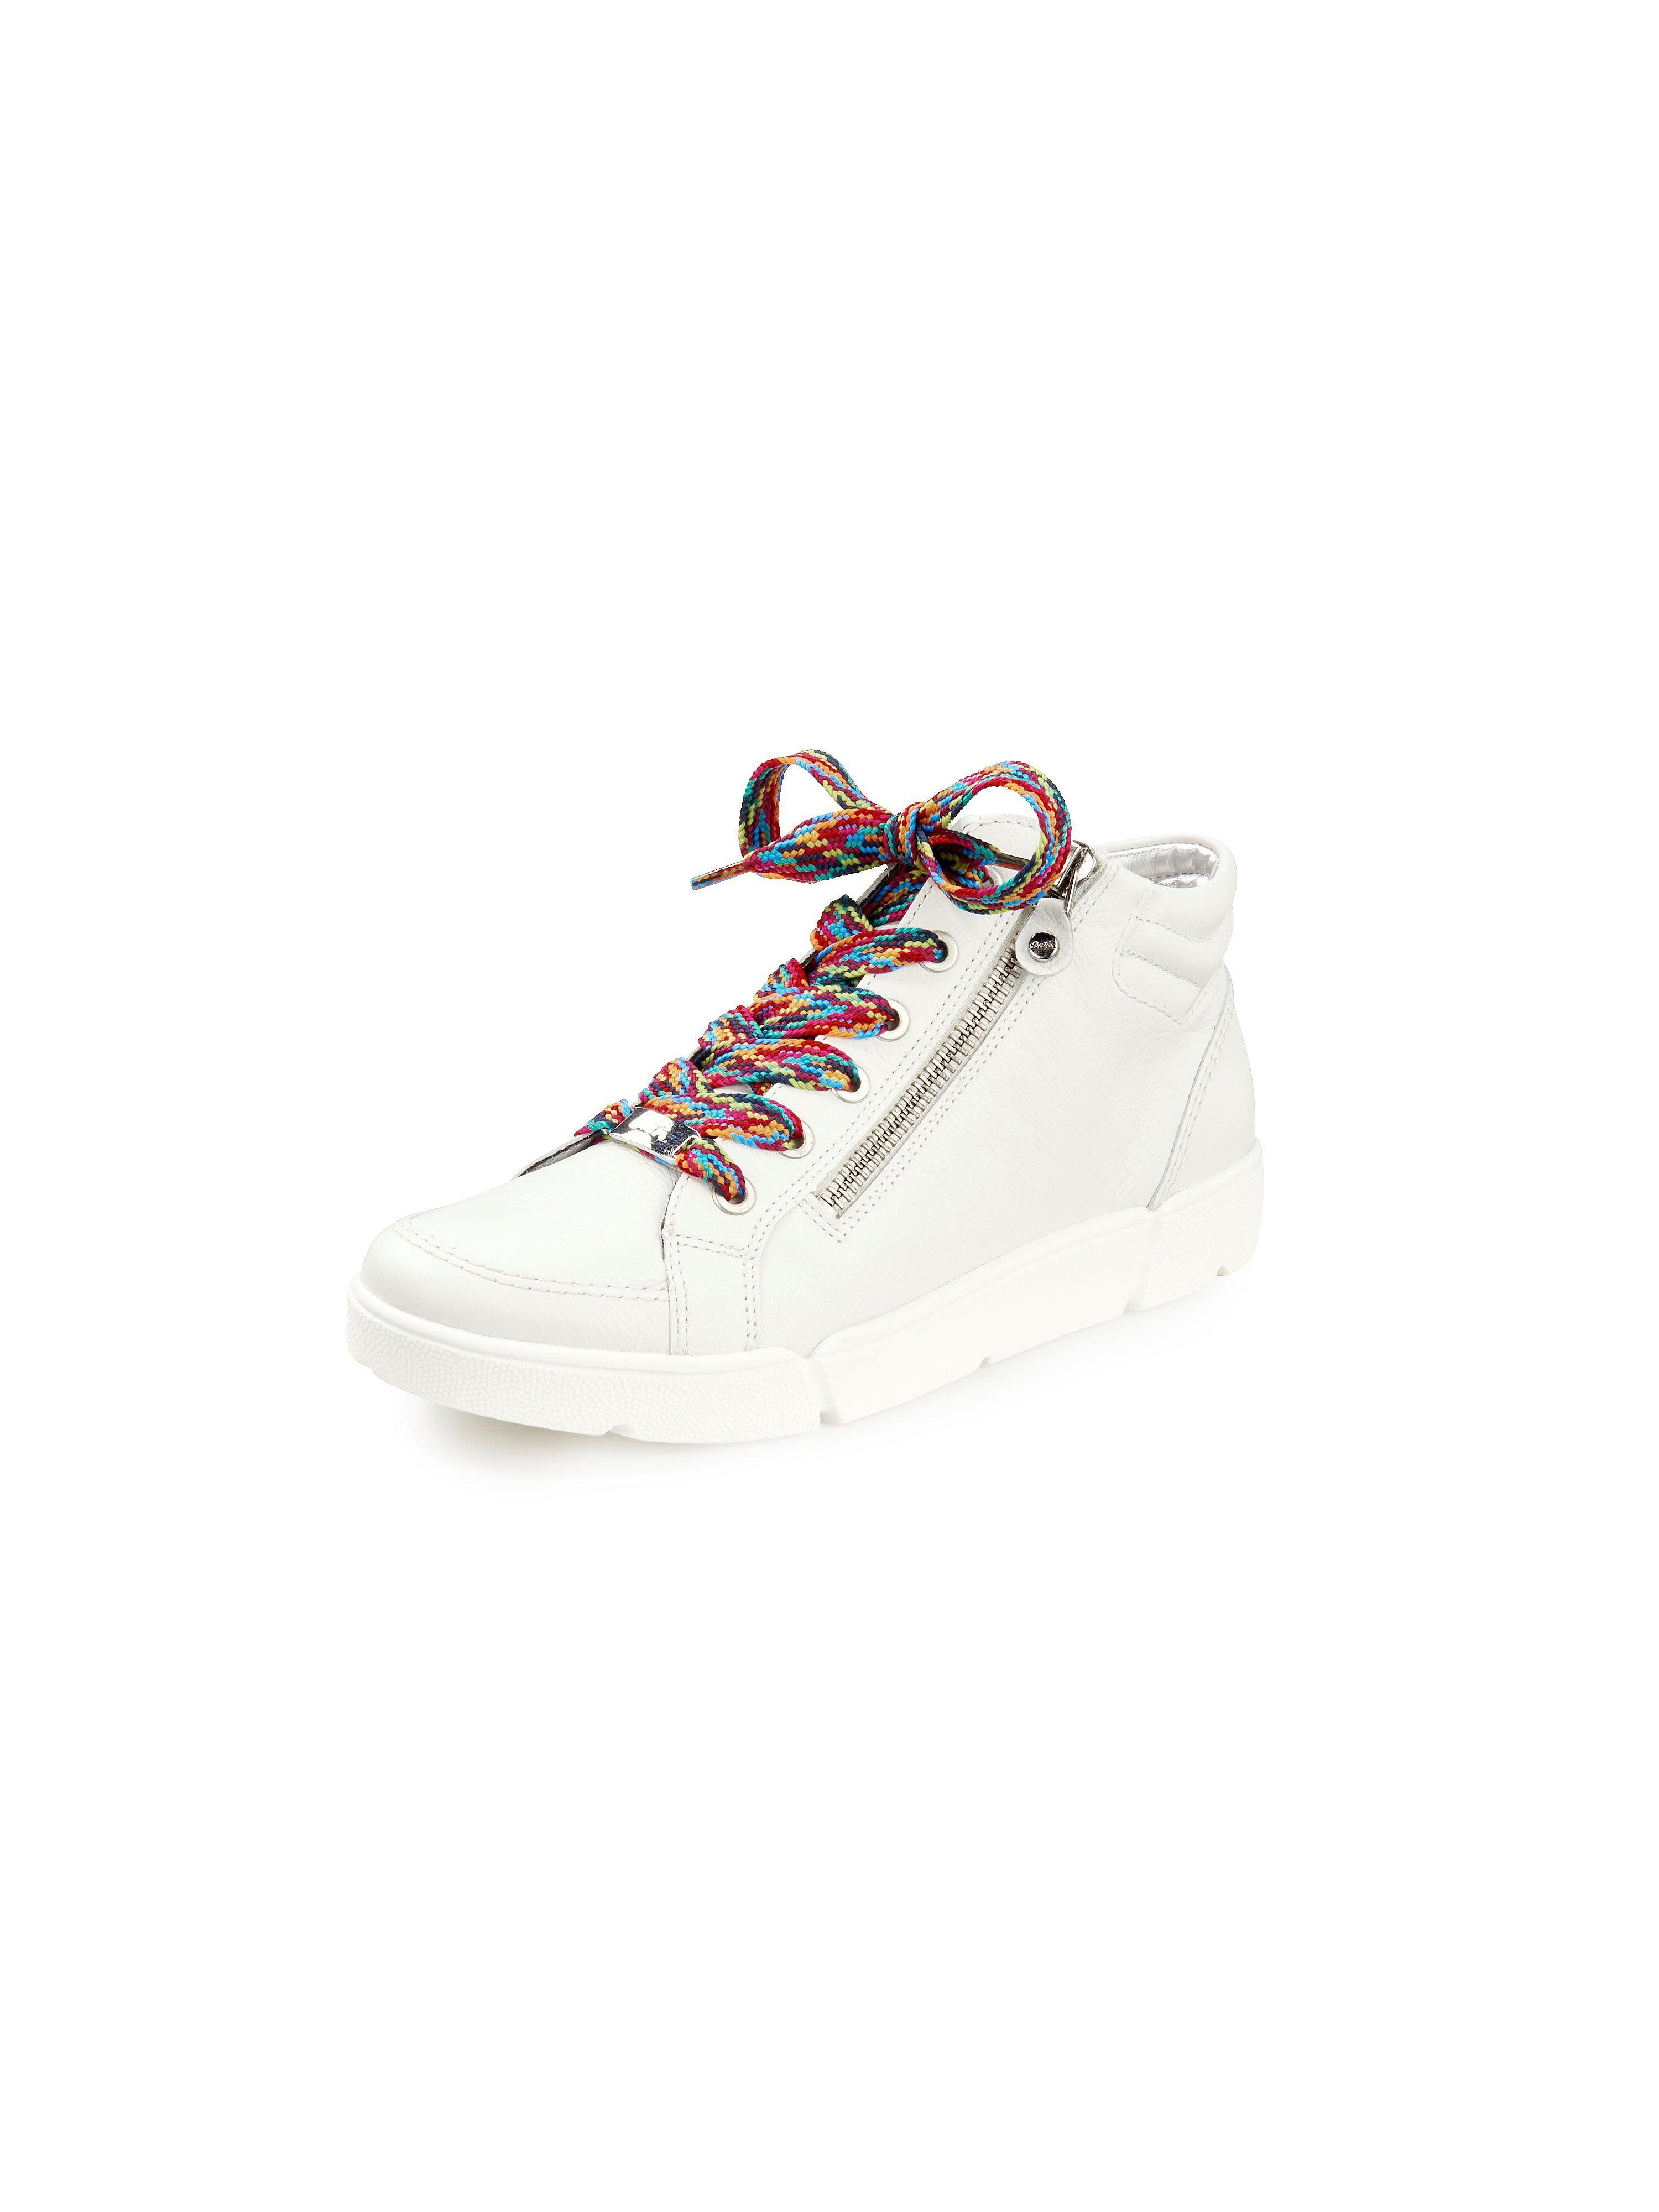 ARA Sneakers Rom HighSoft i kalvenappa Fra ARA hvid